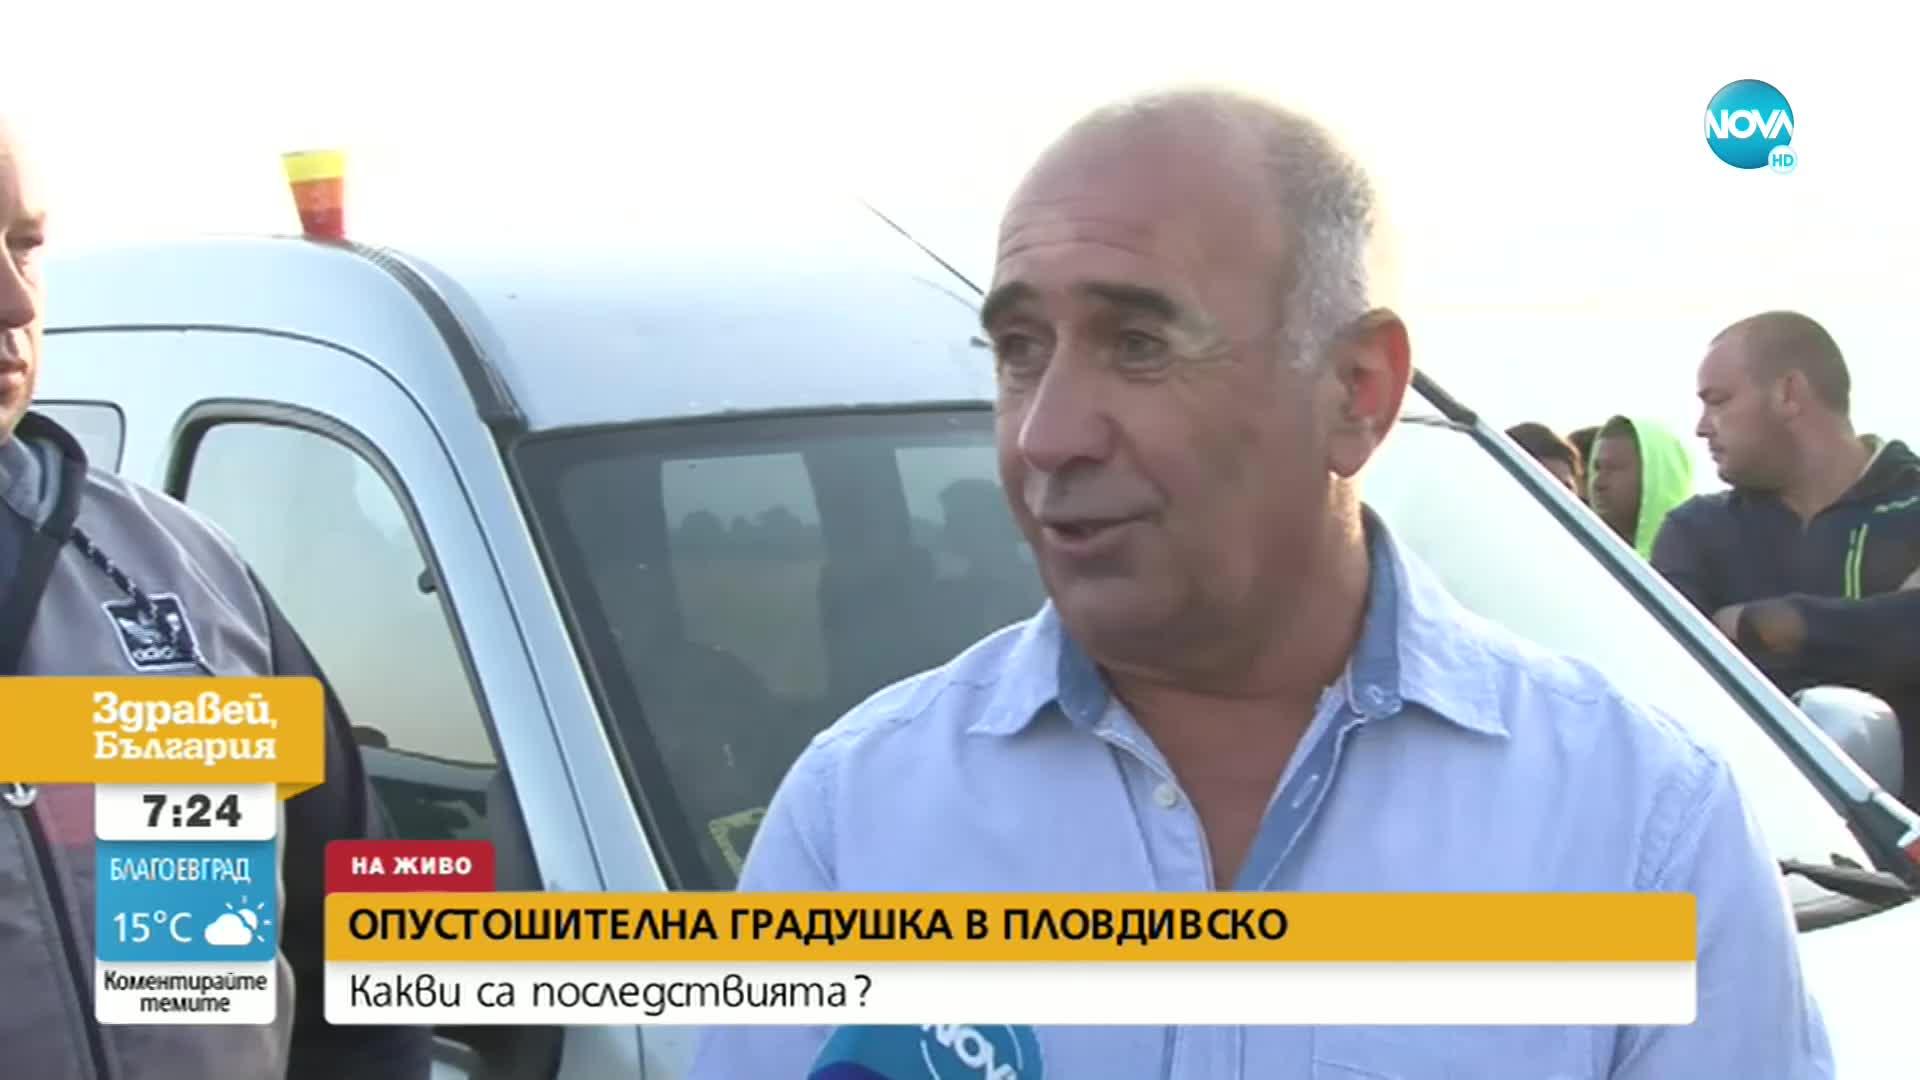 Опустошителна градушка в Пловдивско